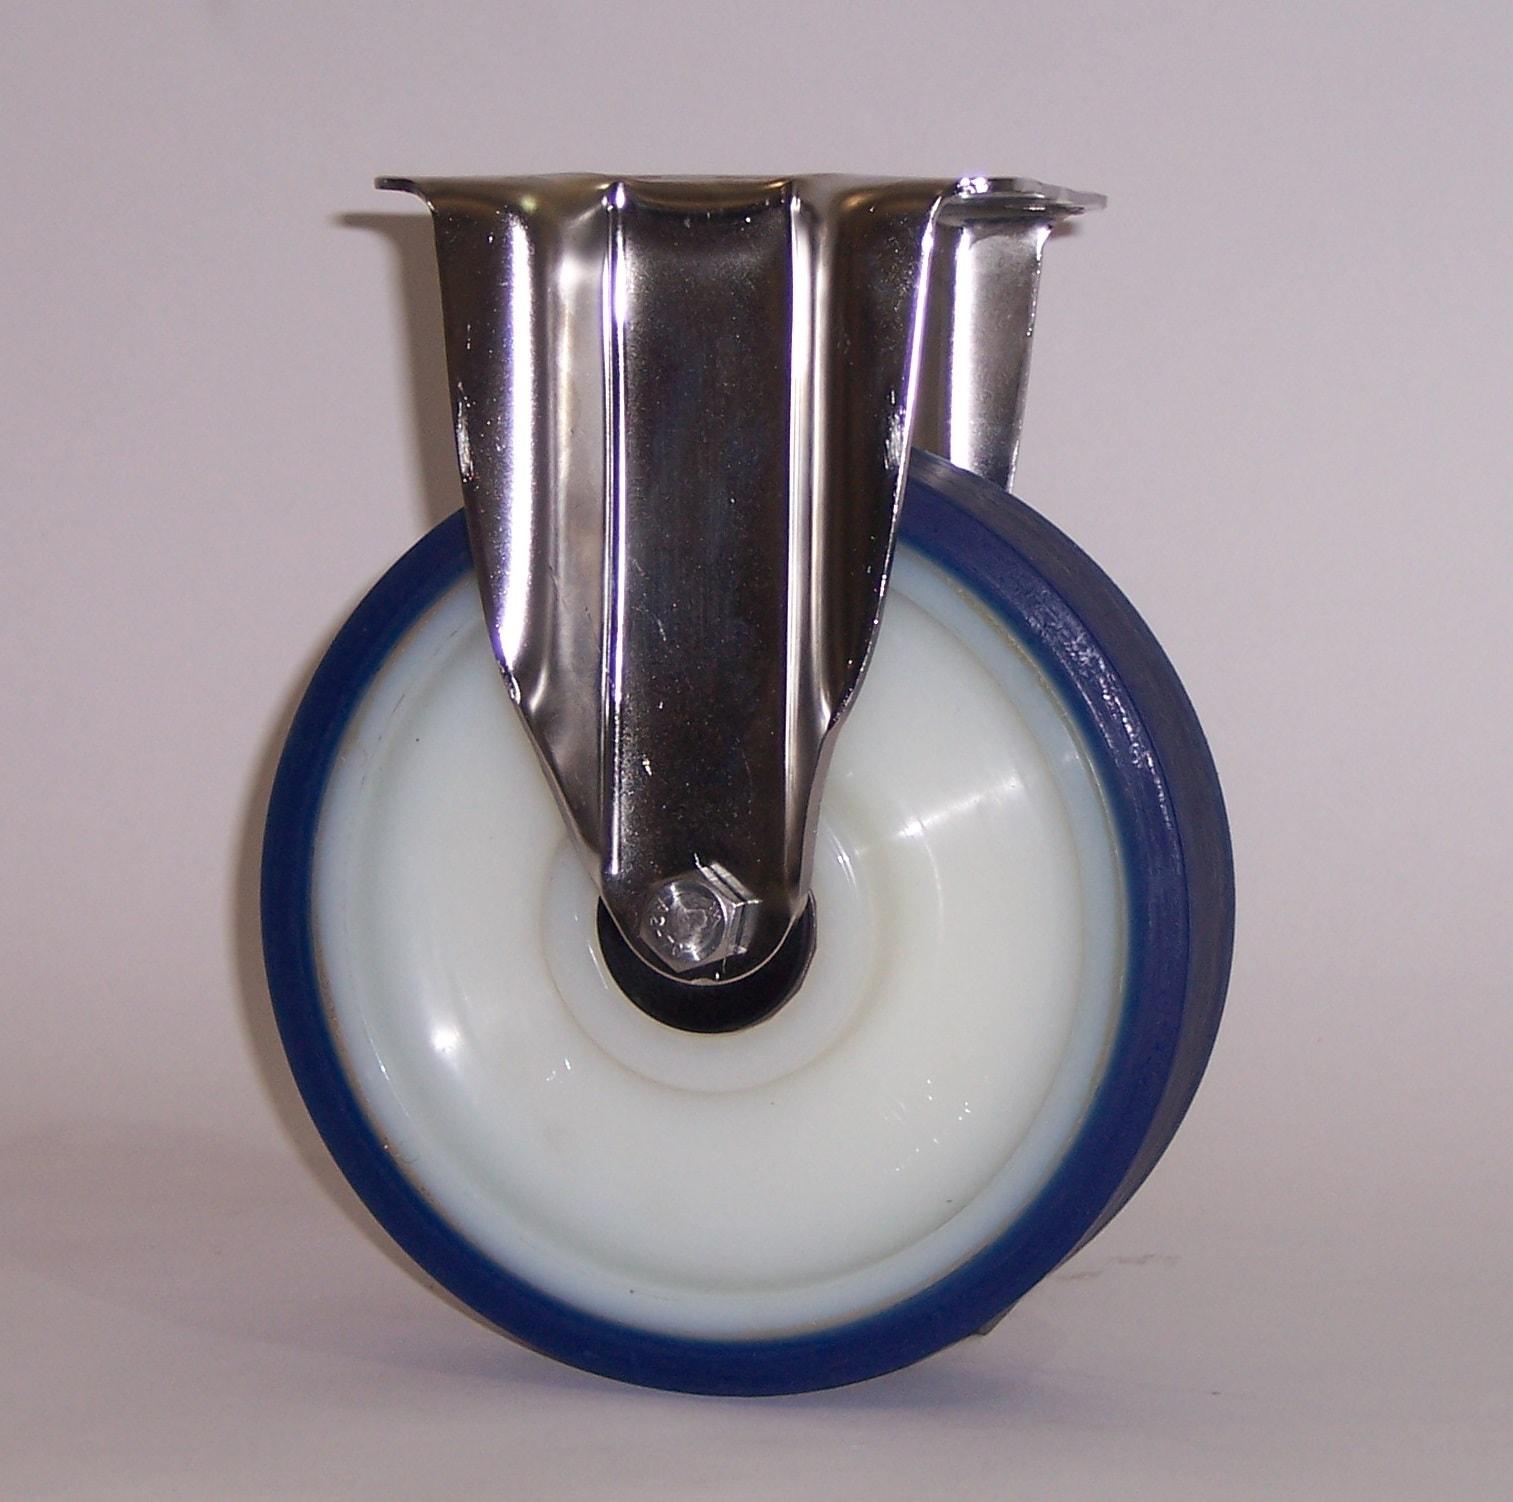 Ruote serie AS con supporto INOX40 Ruote con rivestimento in poliuretano soft 87 Sh.A . con mozzo in polyammide 6. Ruota con cuscinetti a sfere di precisione in inox a tenuta stagna (2RS).